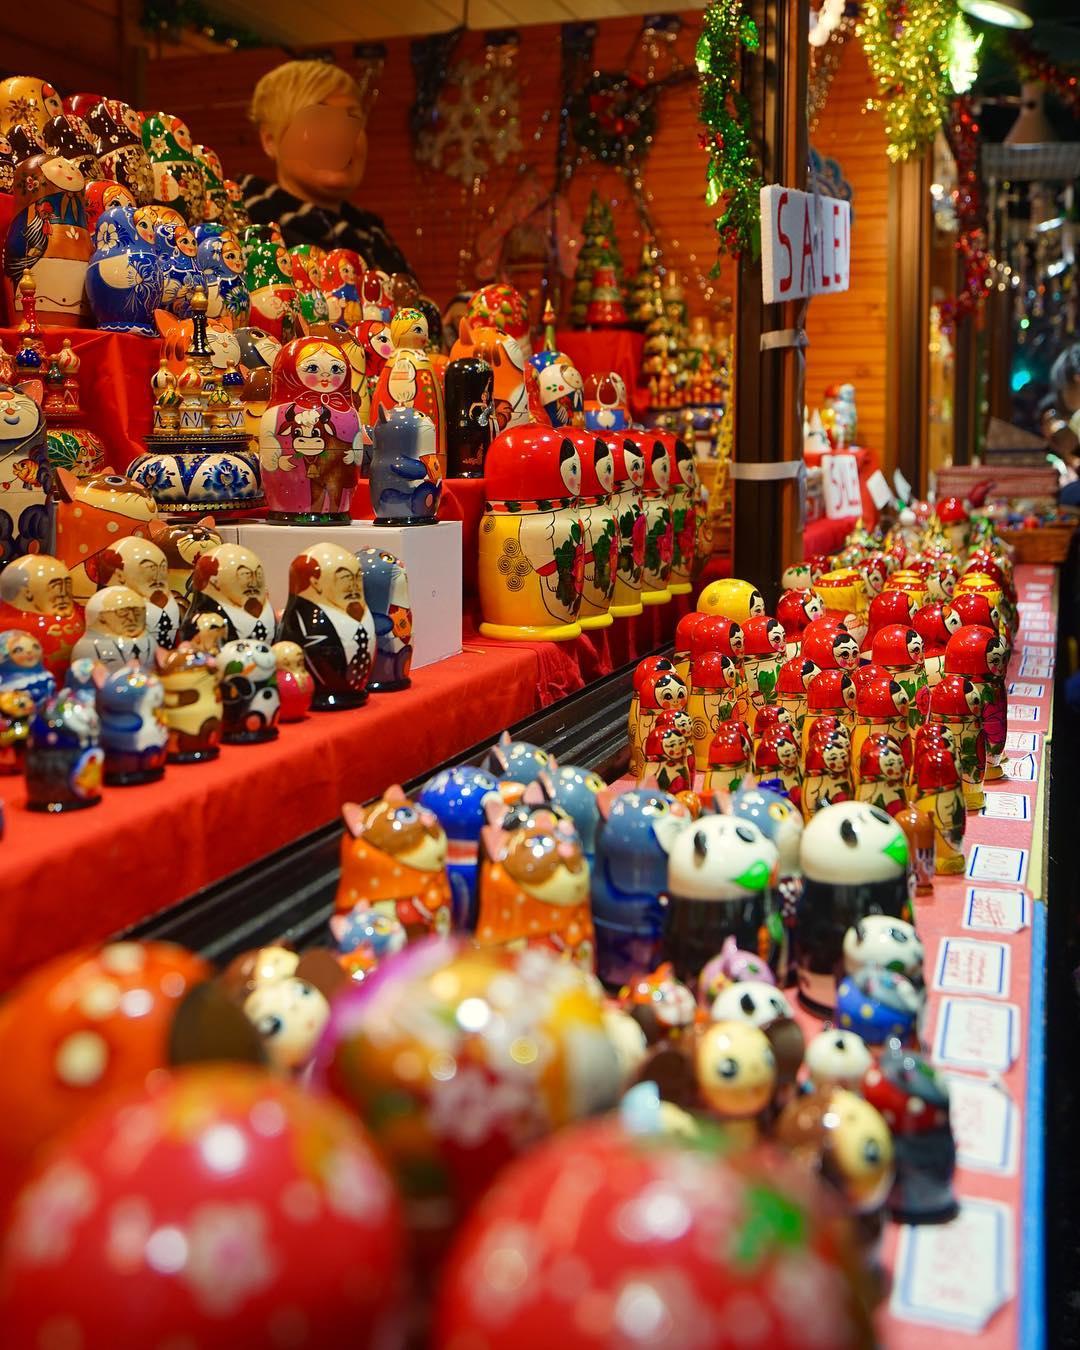 クリスマス市のマトリョーシカ人形